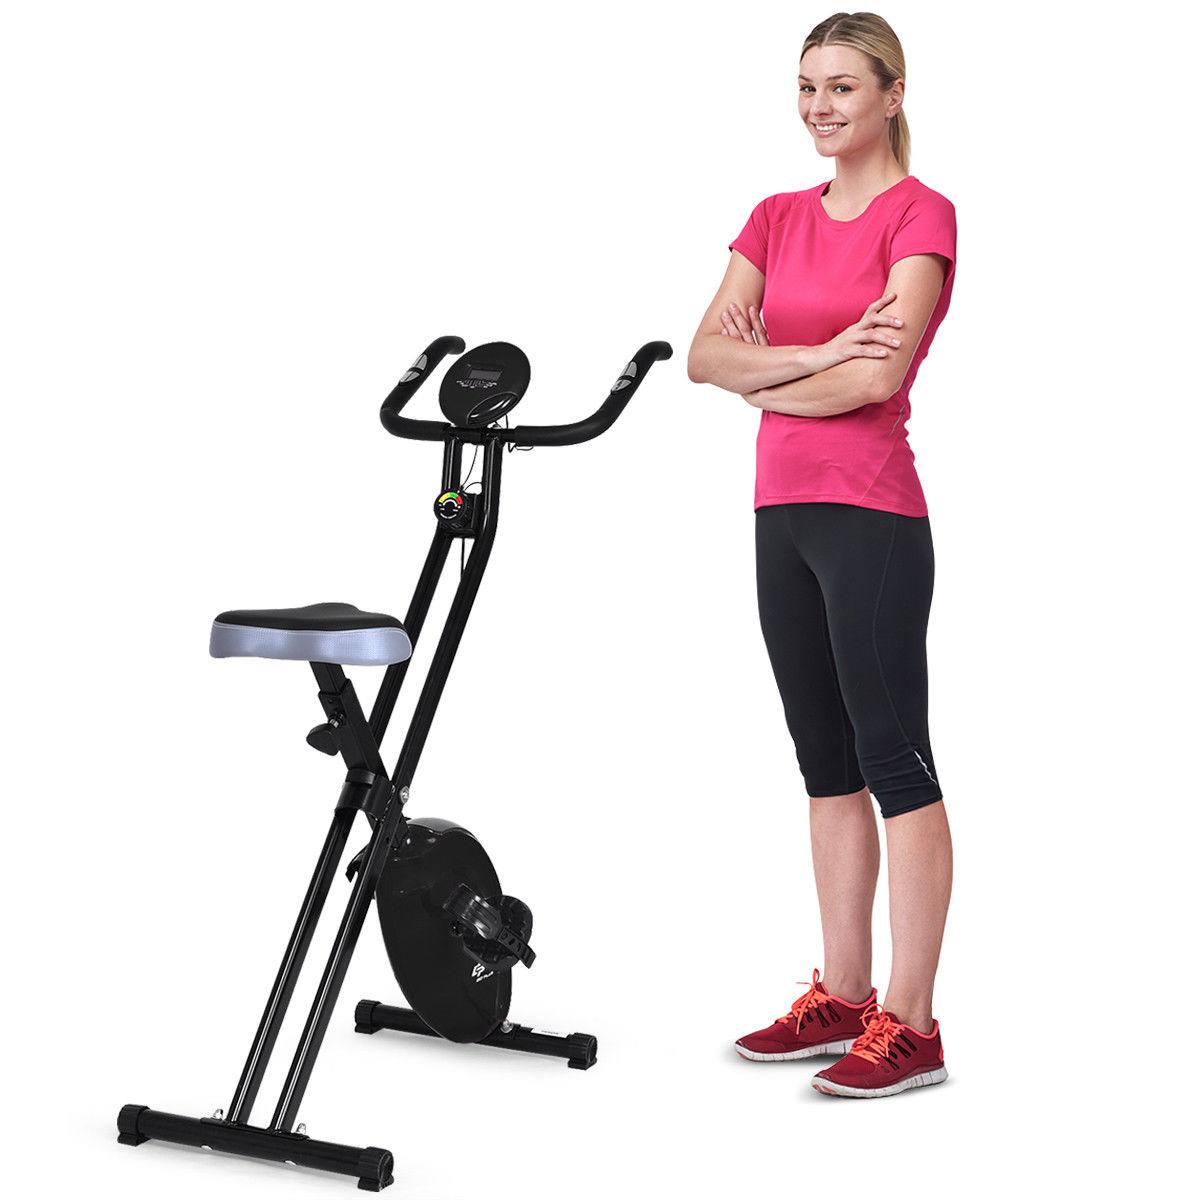 Costway Folding Magnetic Exercise Bike LCD Display 3.5lbs Flywheel Resistance Adjustable